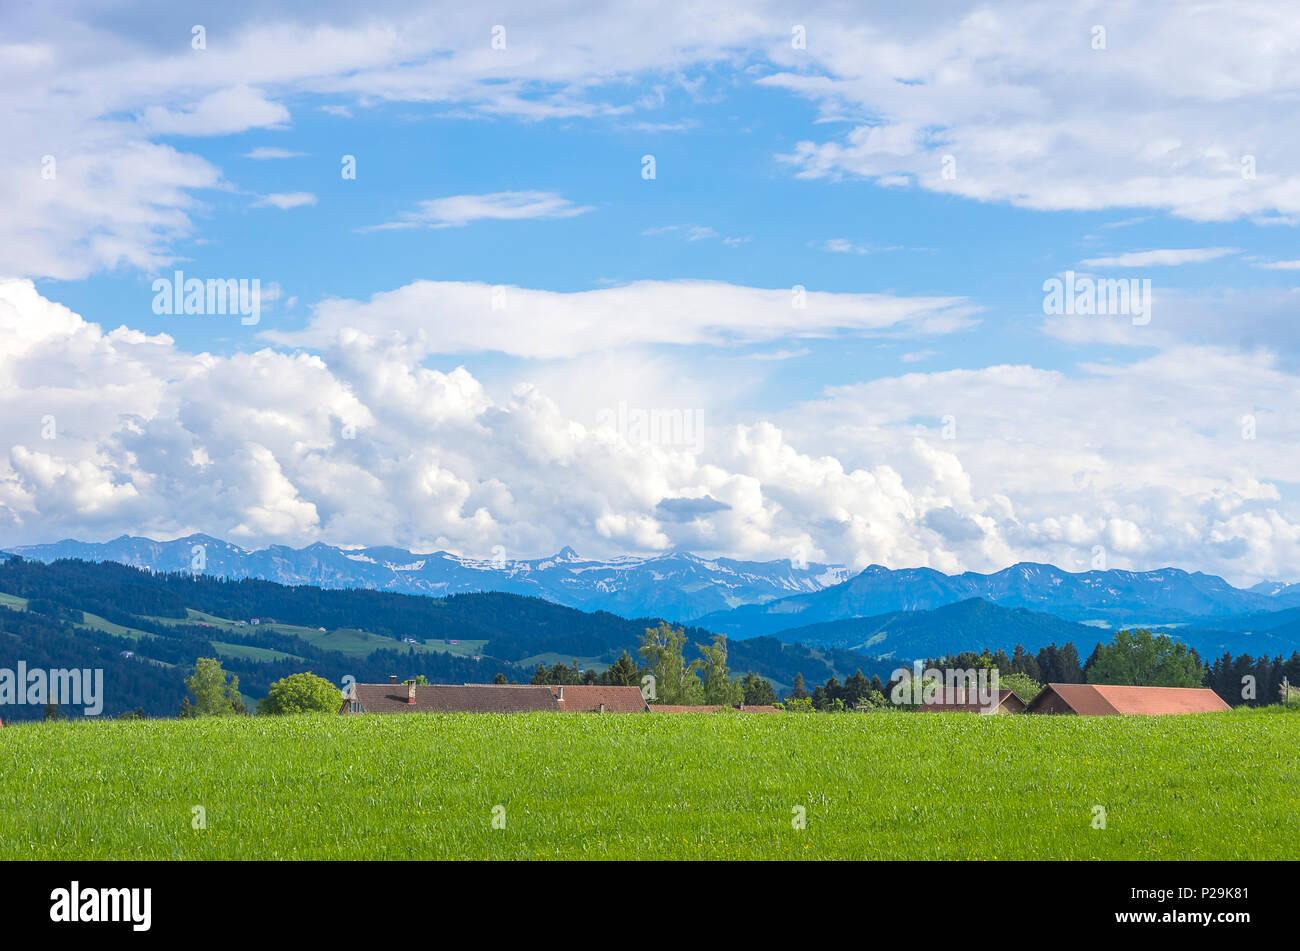 Ländlichen Raum und Landschaft im Westallgau Region rund um den Ort der Boserscheidegg in der Nähe von Lindau, Bayern, Deutschland. Stockbild